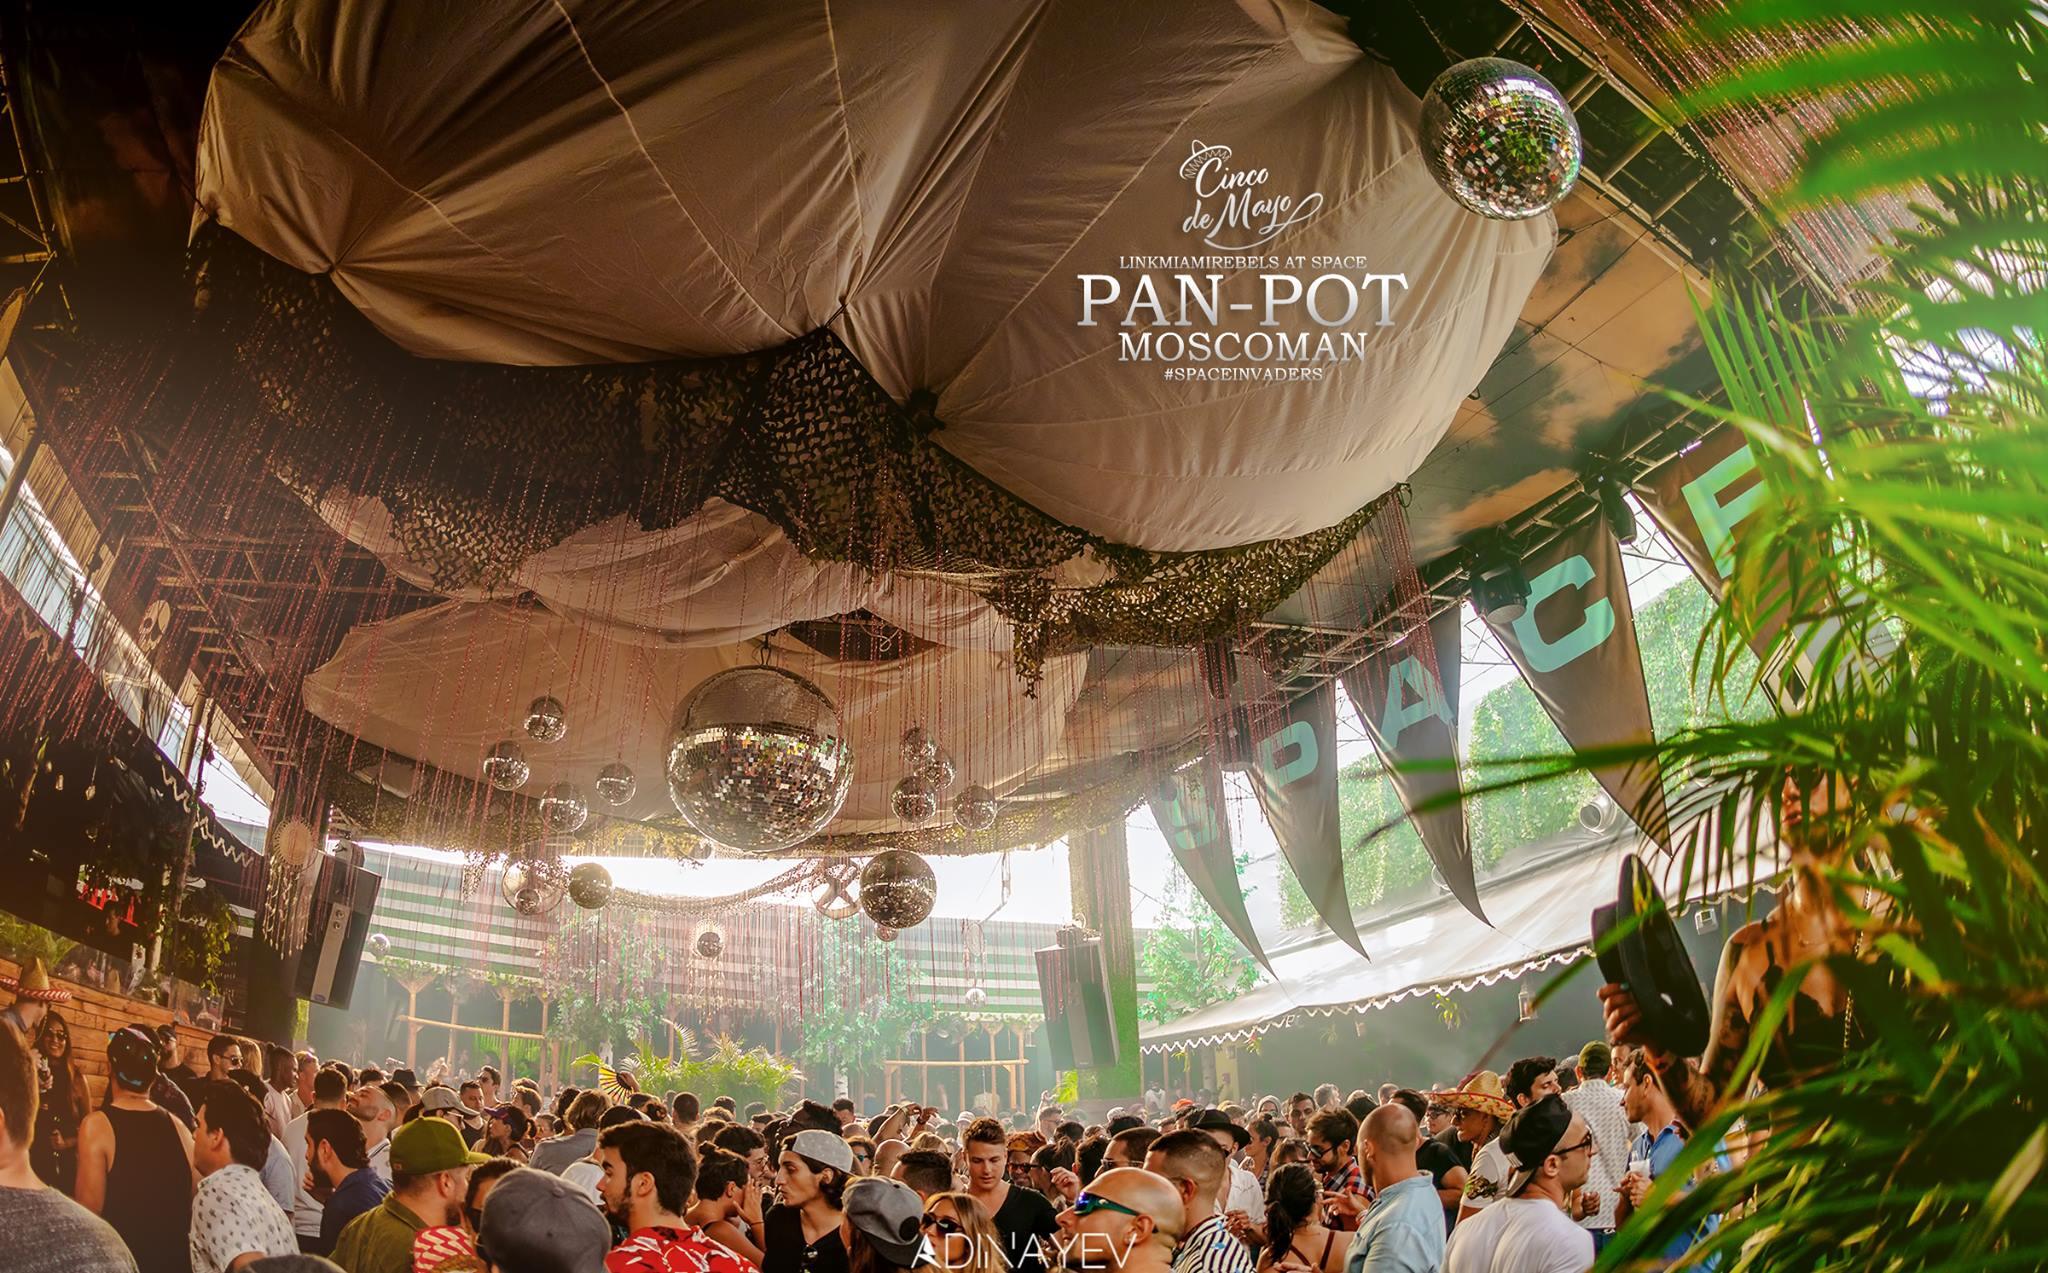 Pan-Pot and Moscoman / Cinco De Mayo